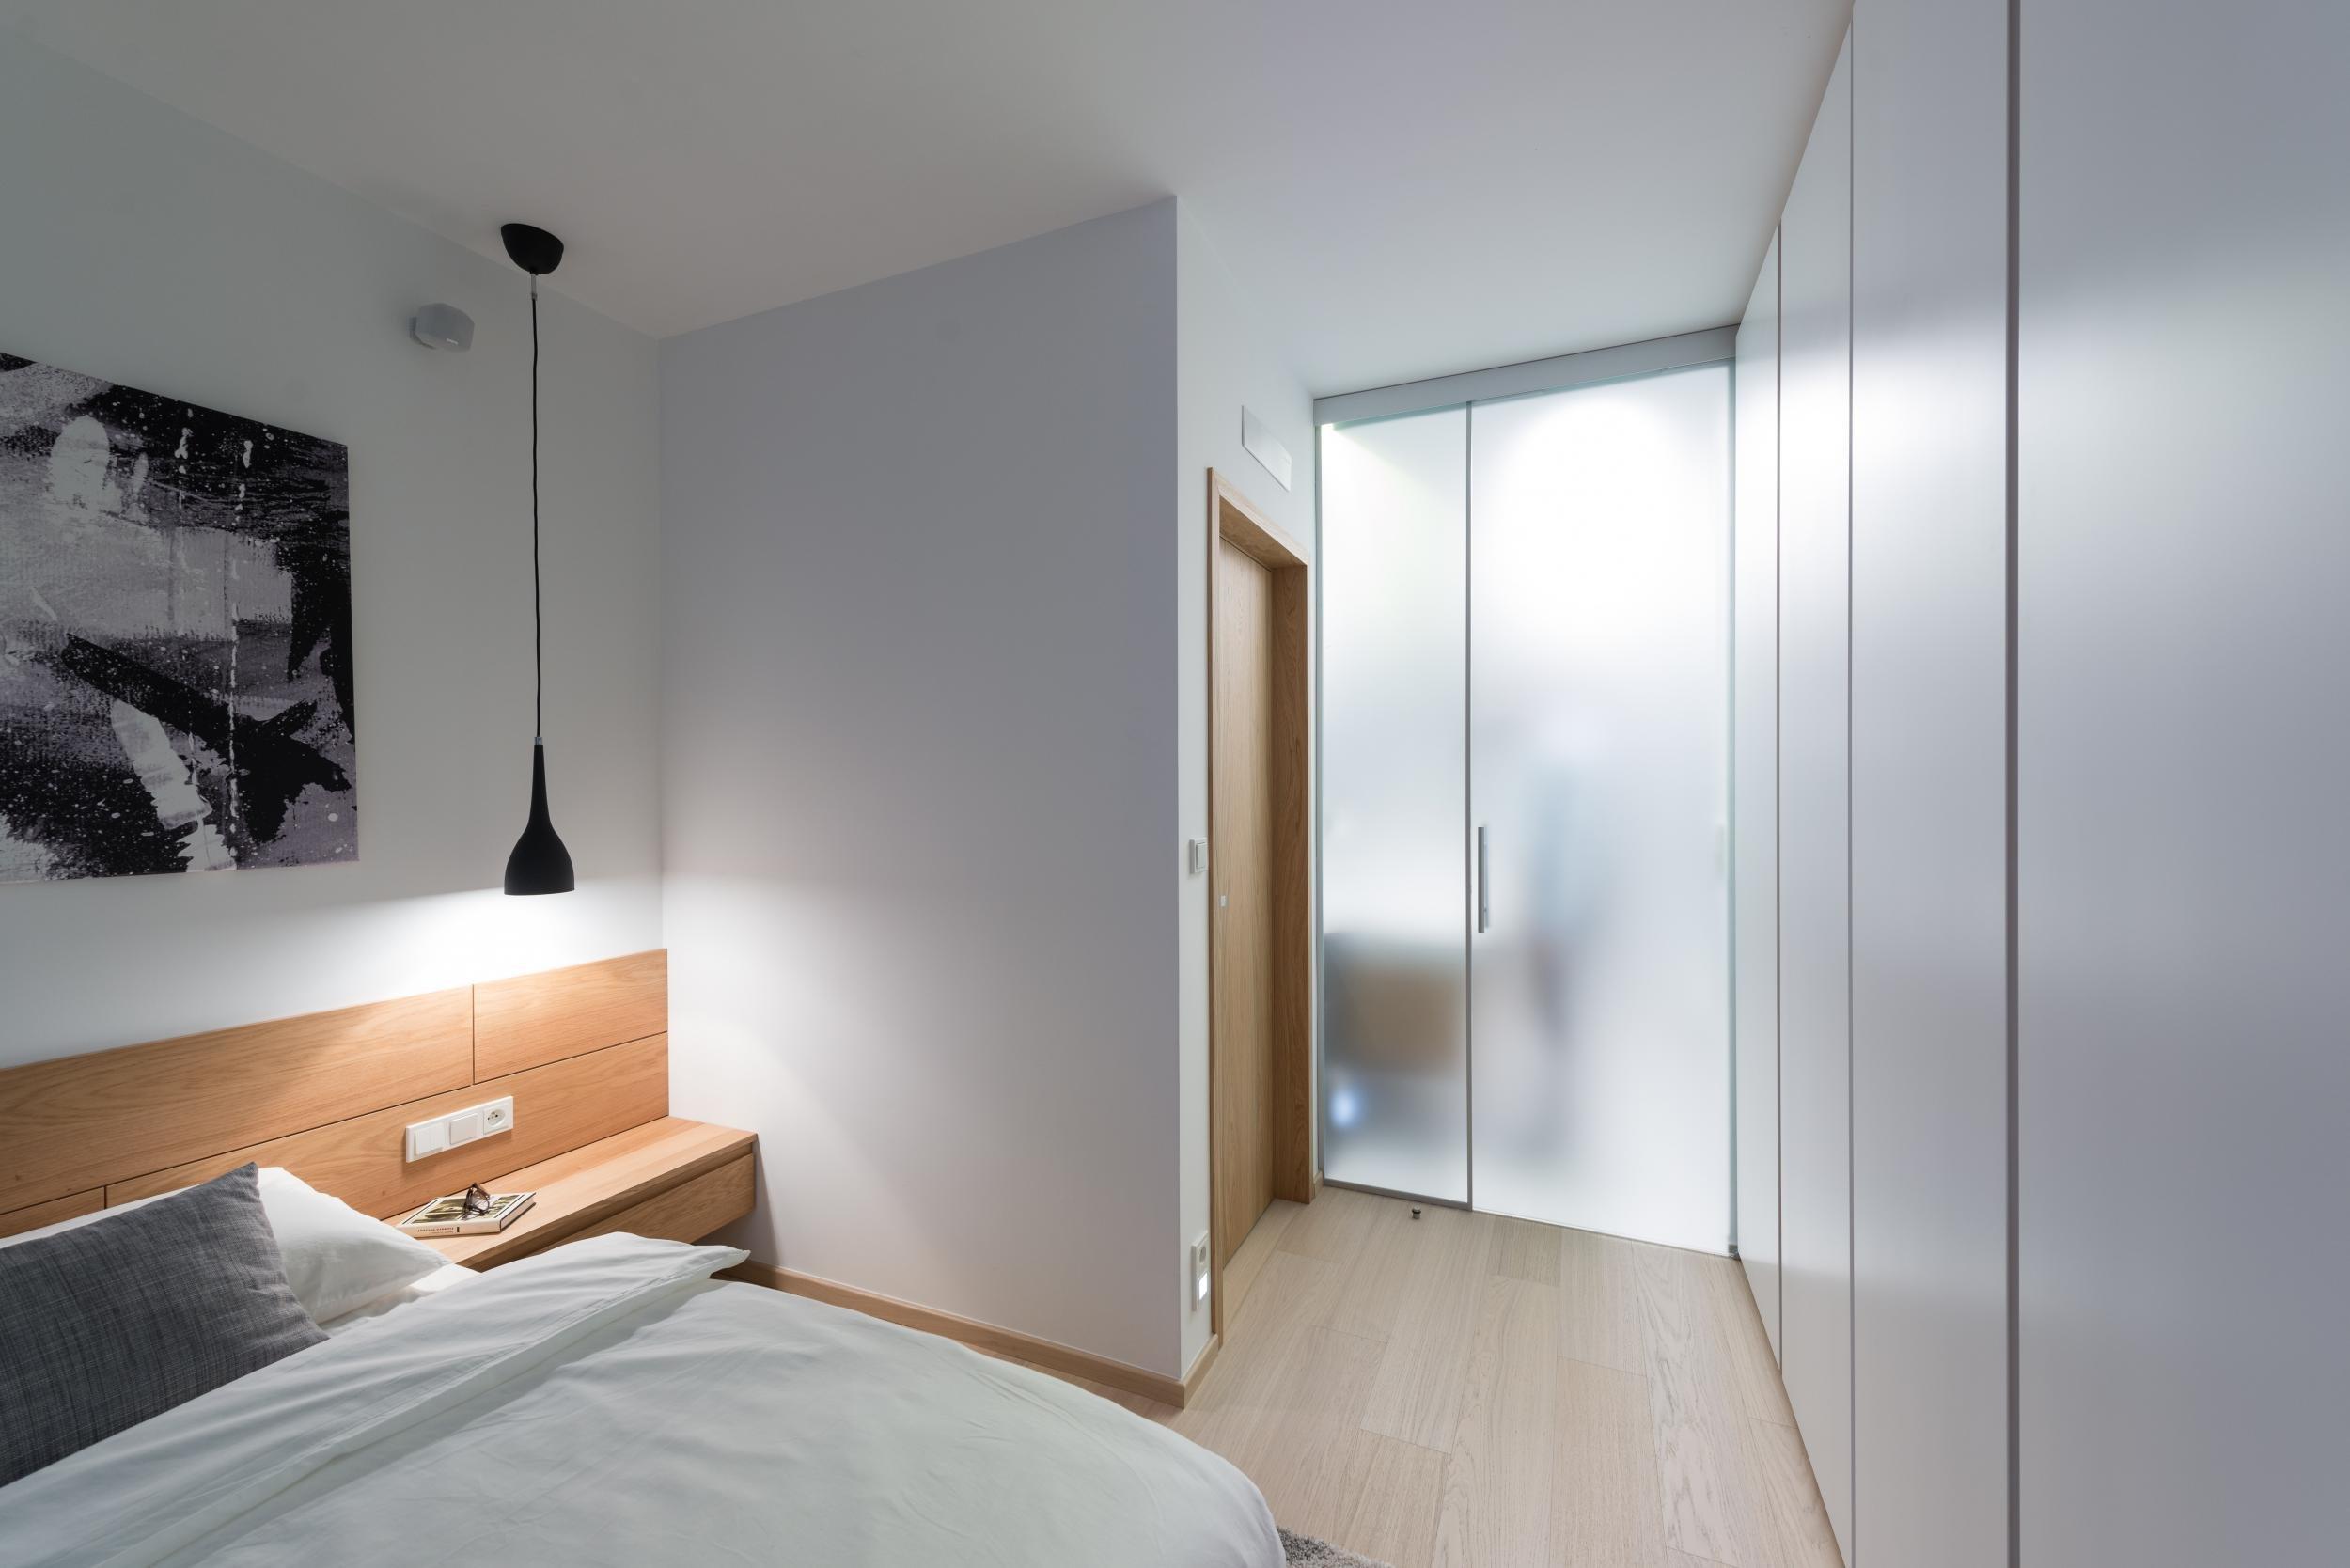 V návrhu interiéru bytu v novostavbě jsme jemnými stavebními úpravami provzdušnili dispozici a vazbám mezi prostorami dali funkční smysl. Decentní materiálové…